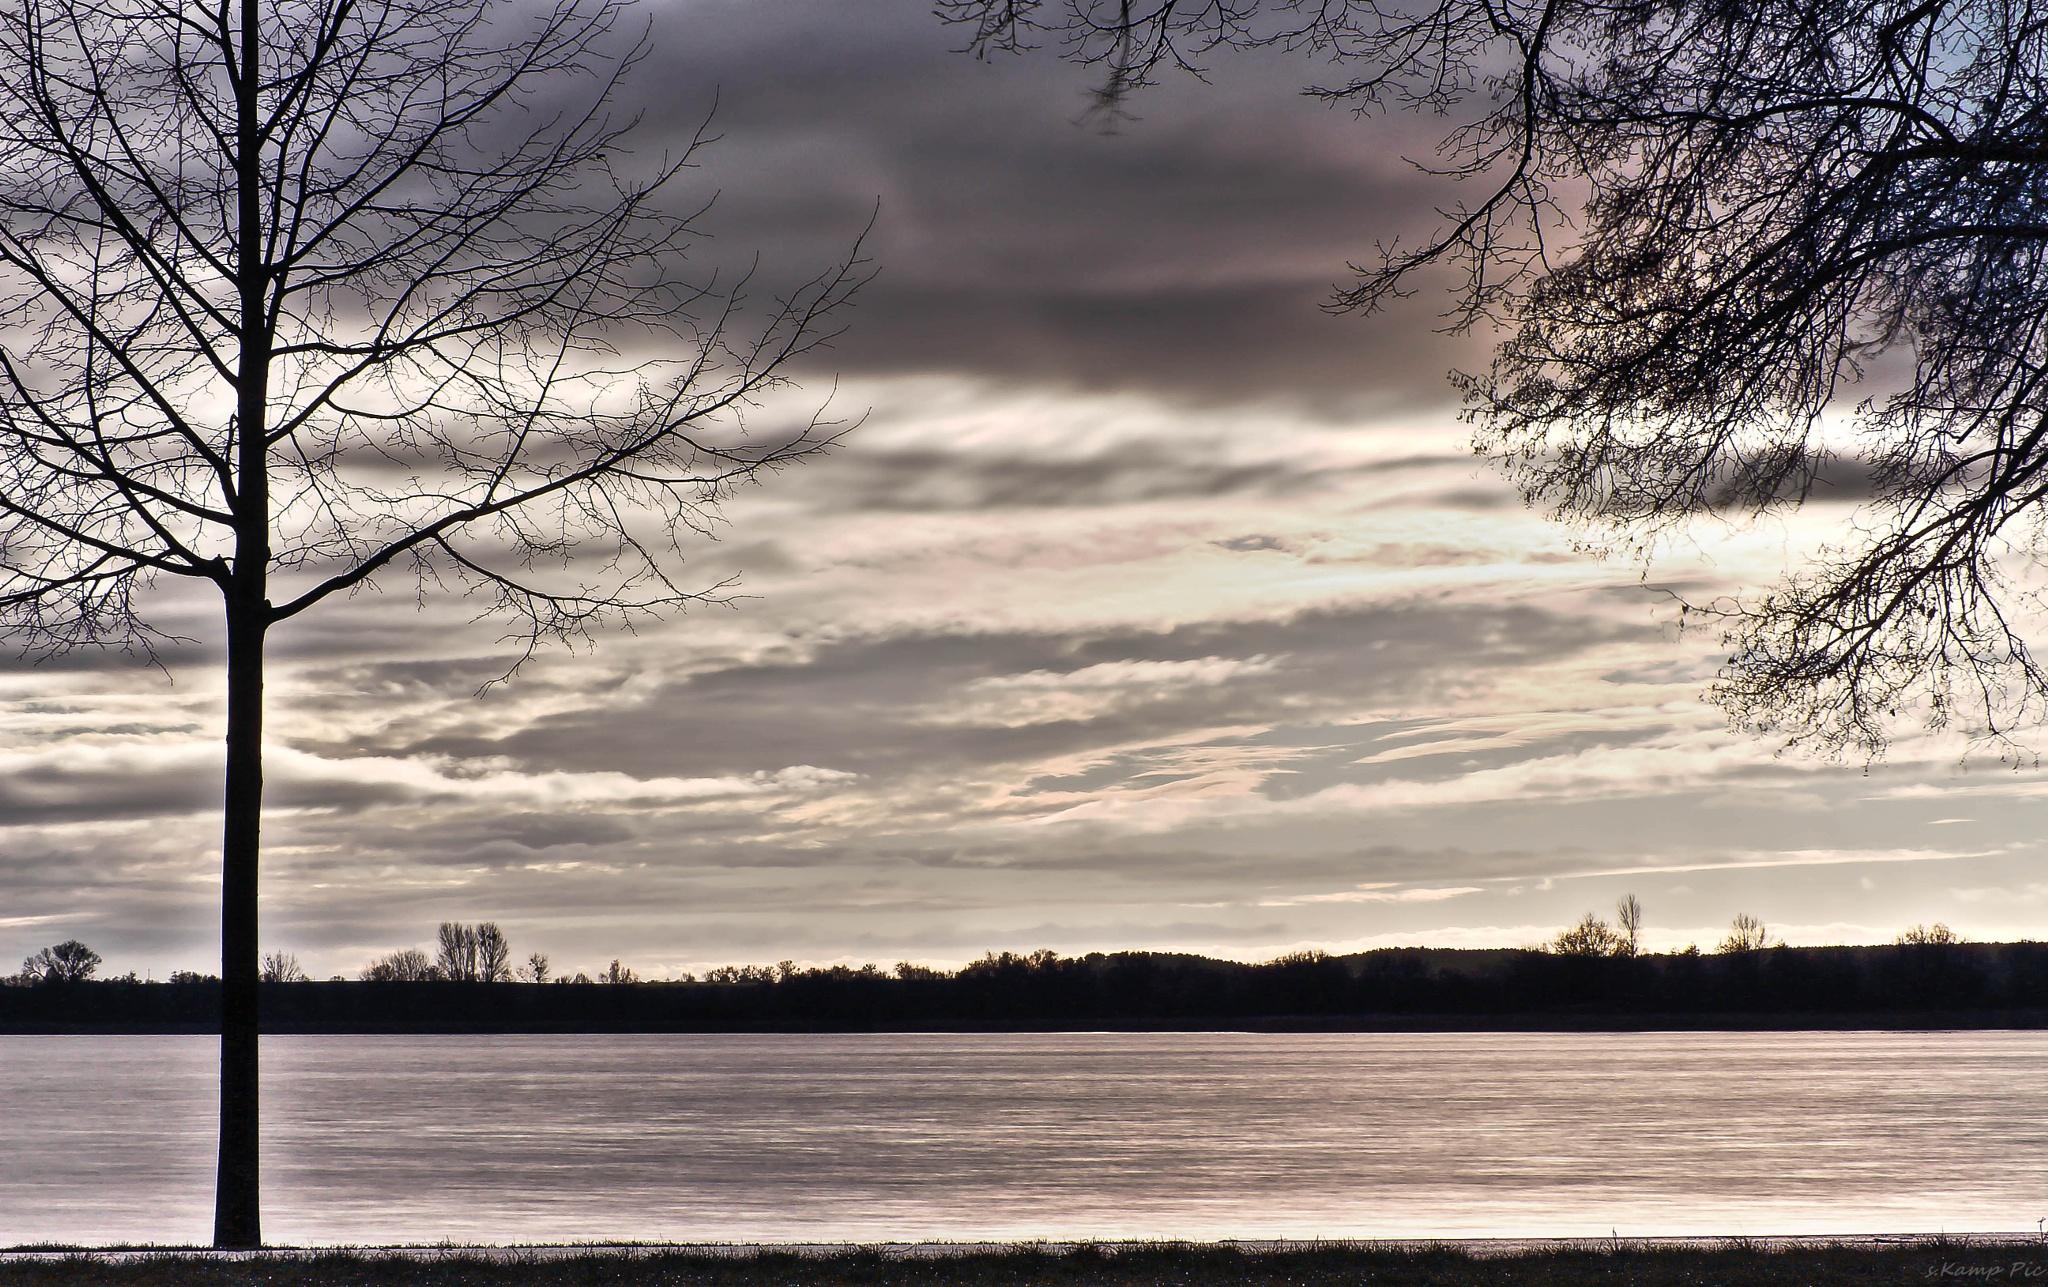 Lake View by Sebastian Kamp